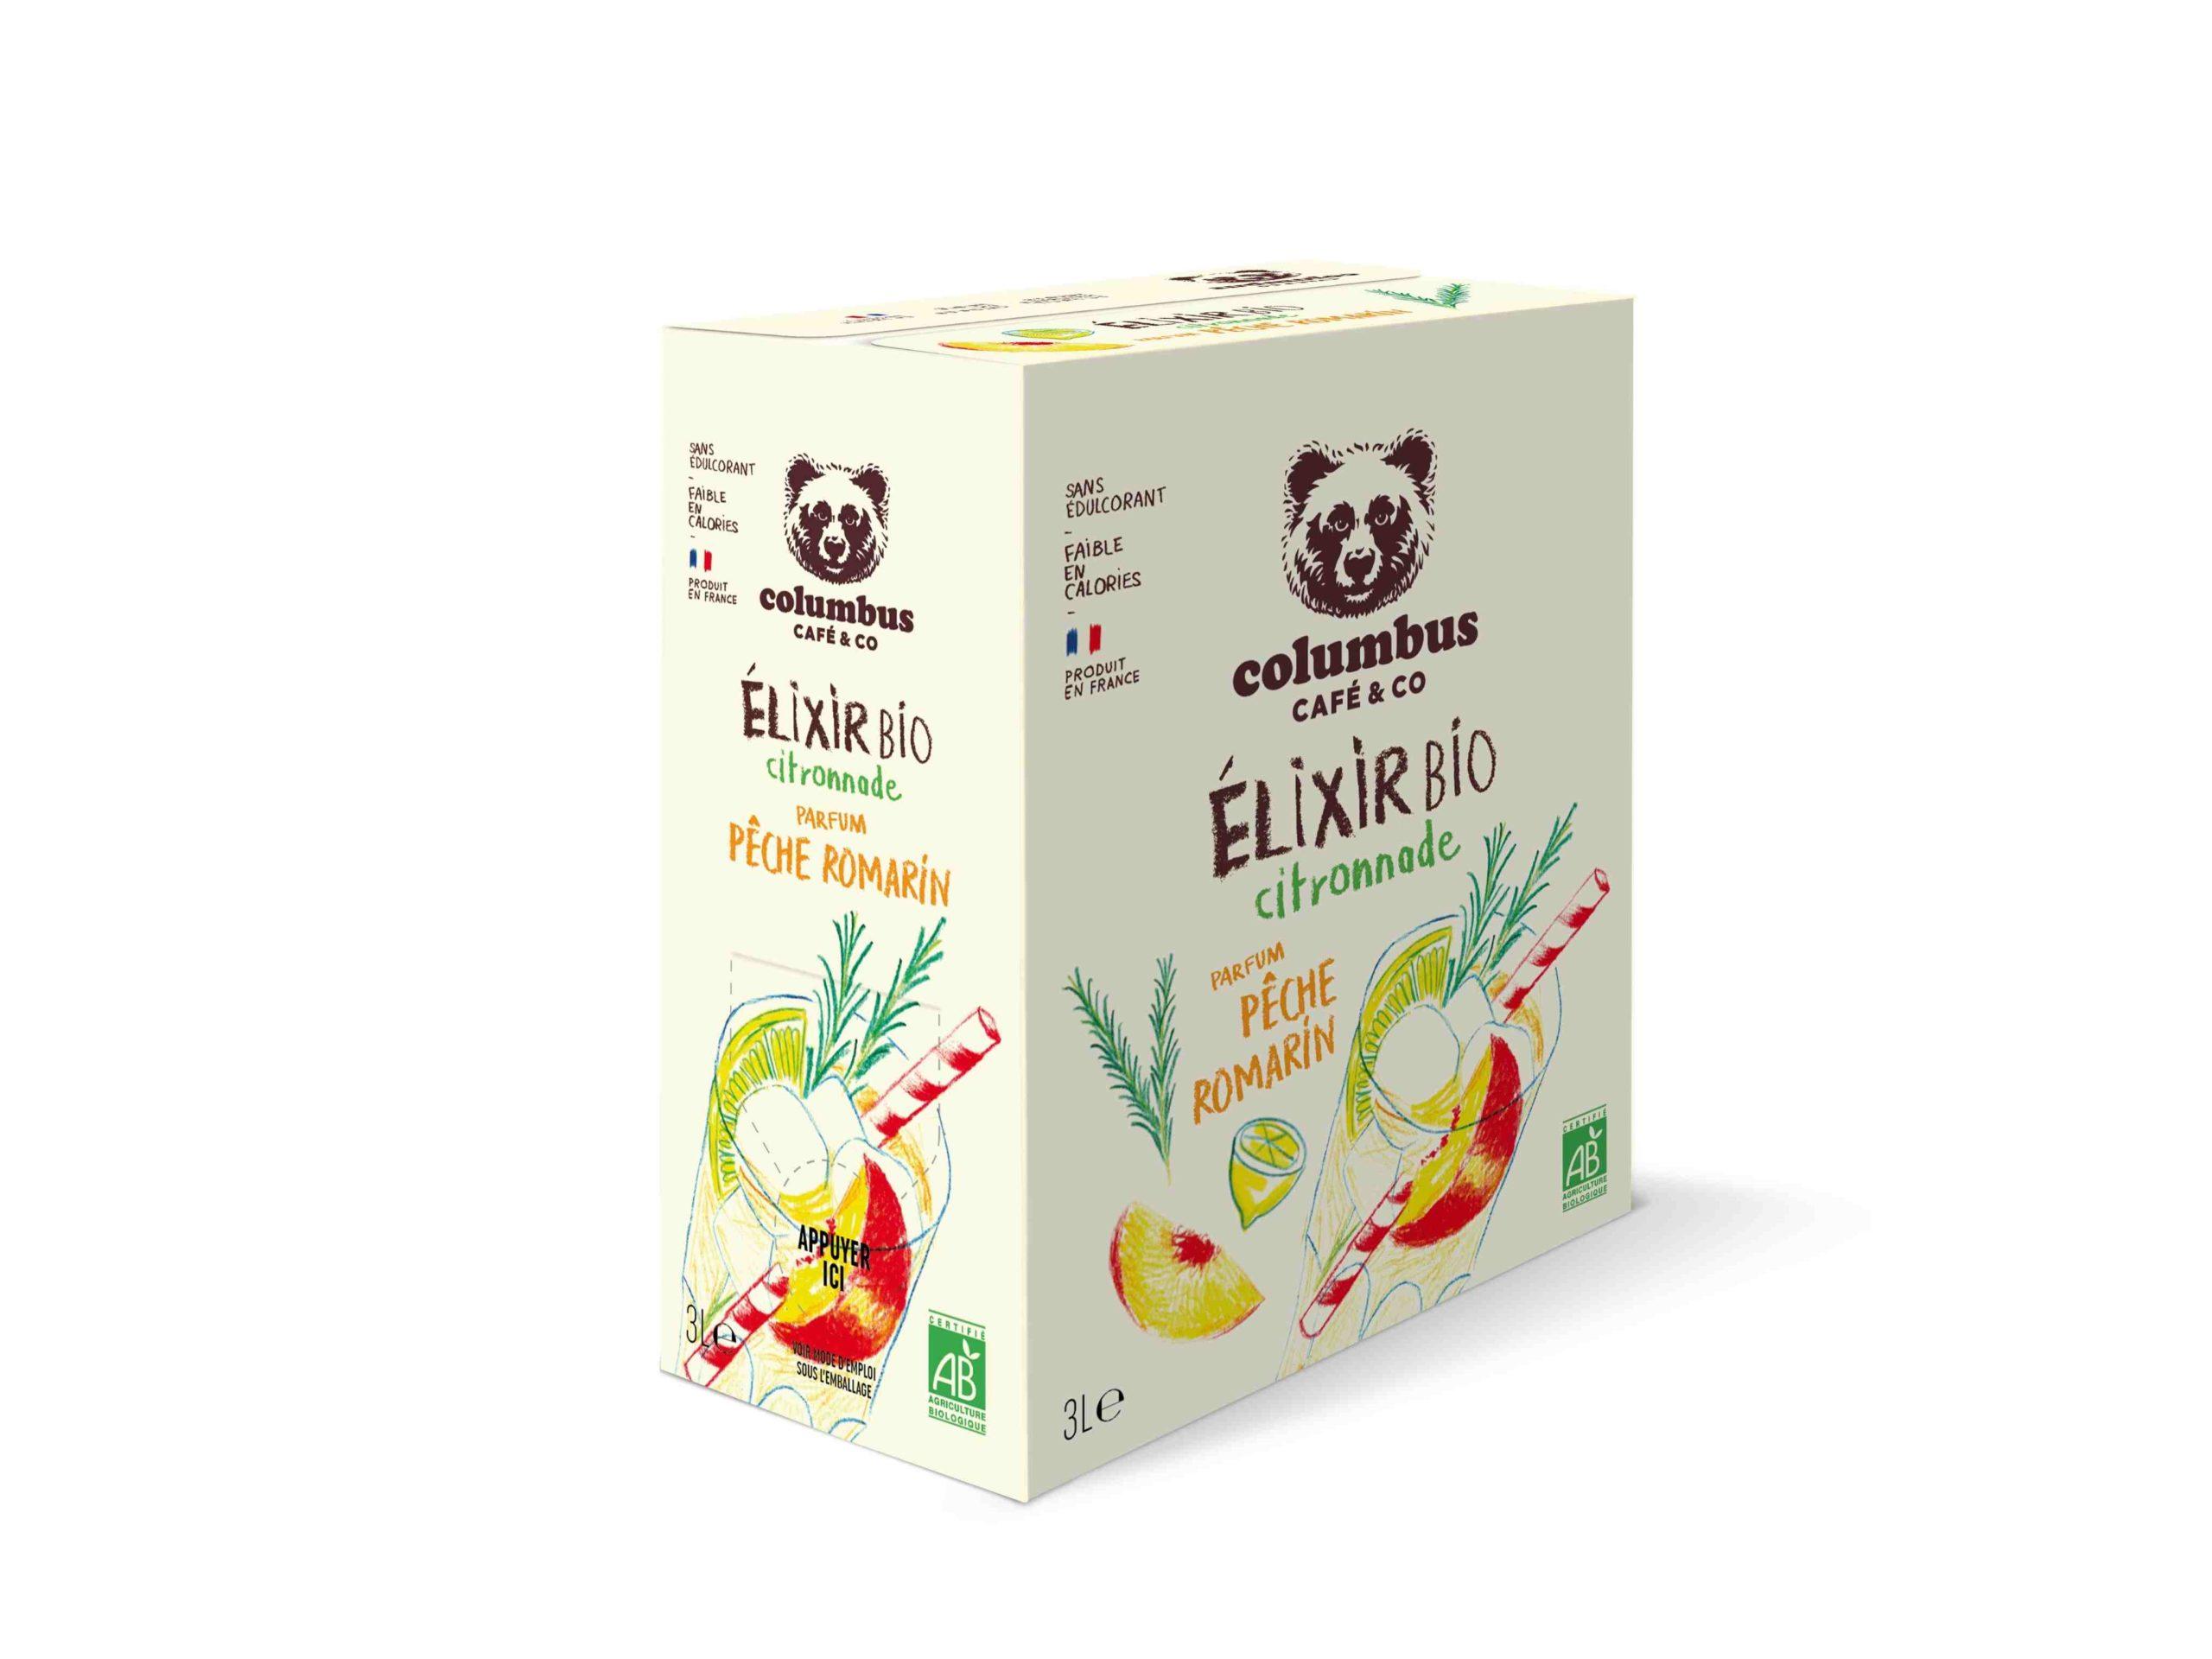 Elixir Citronnade Pêche Romarin - 3L